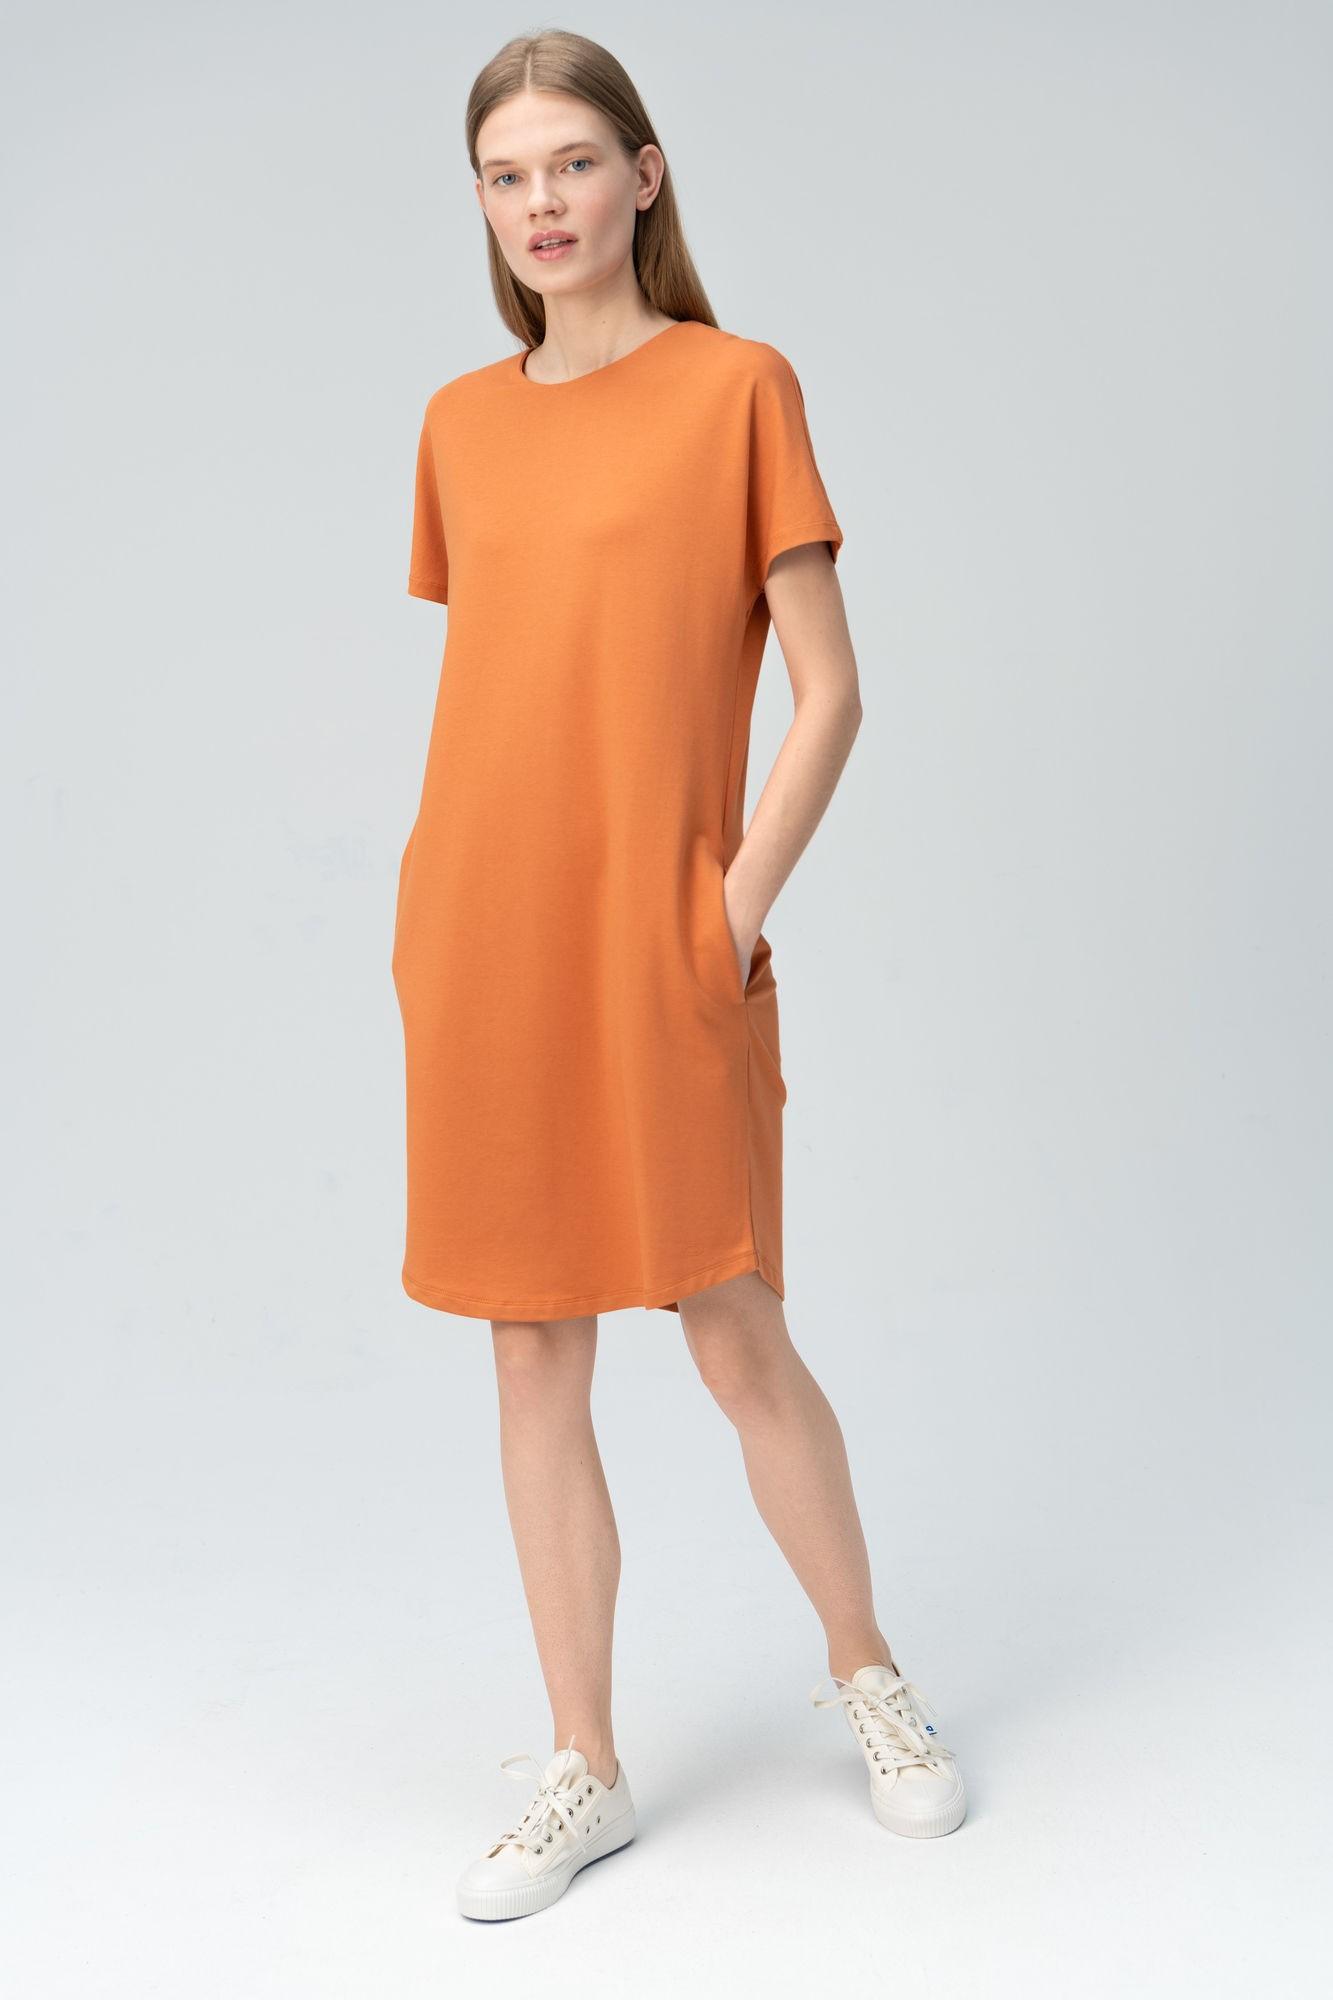 AUDIMAS Švelnaus modalo suknelė 2011-104 Hazel S